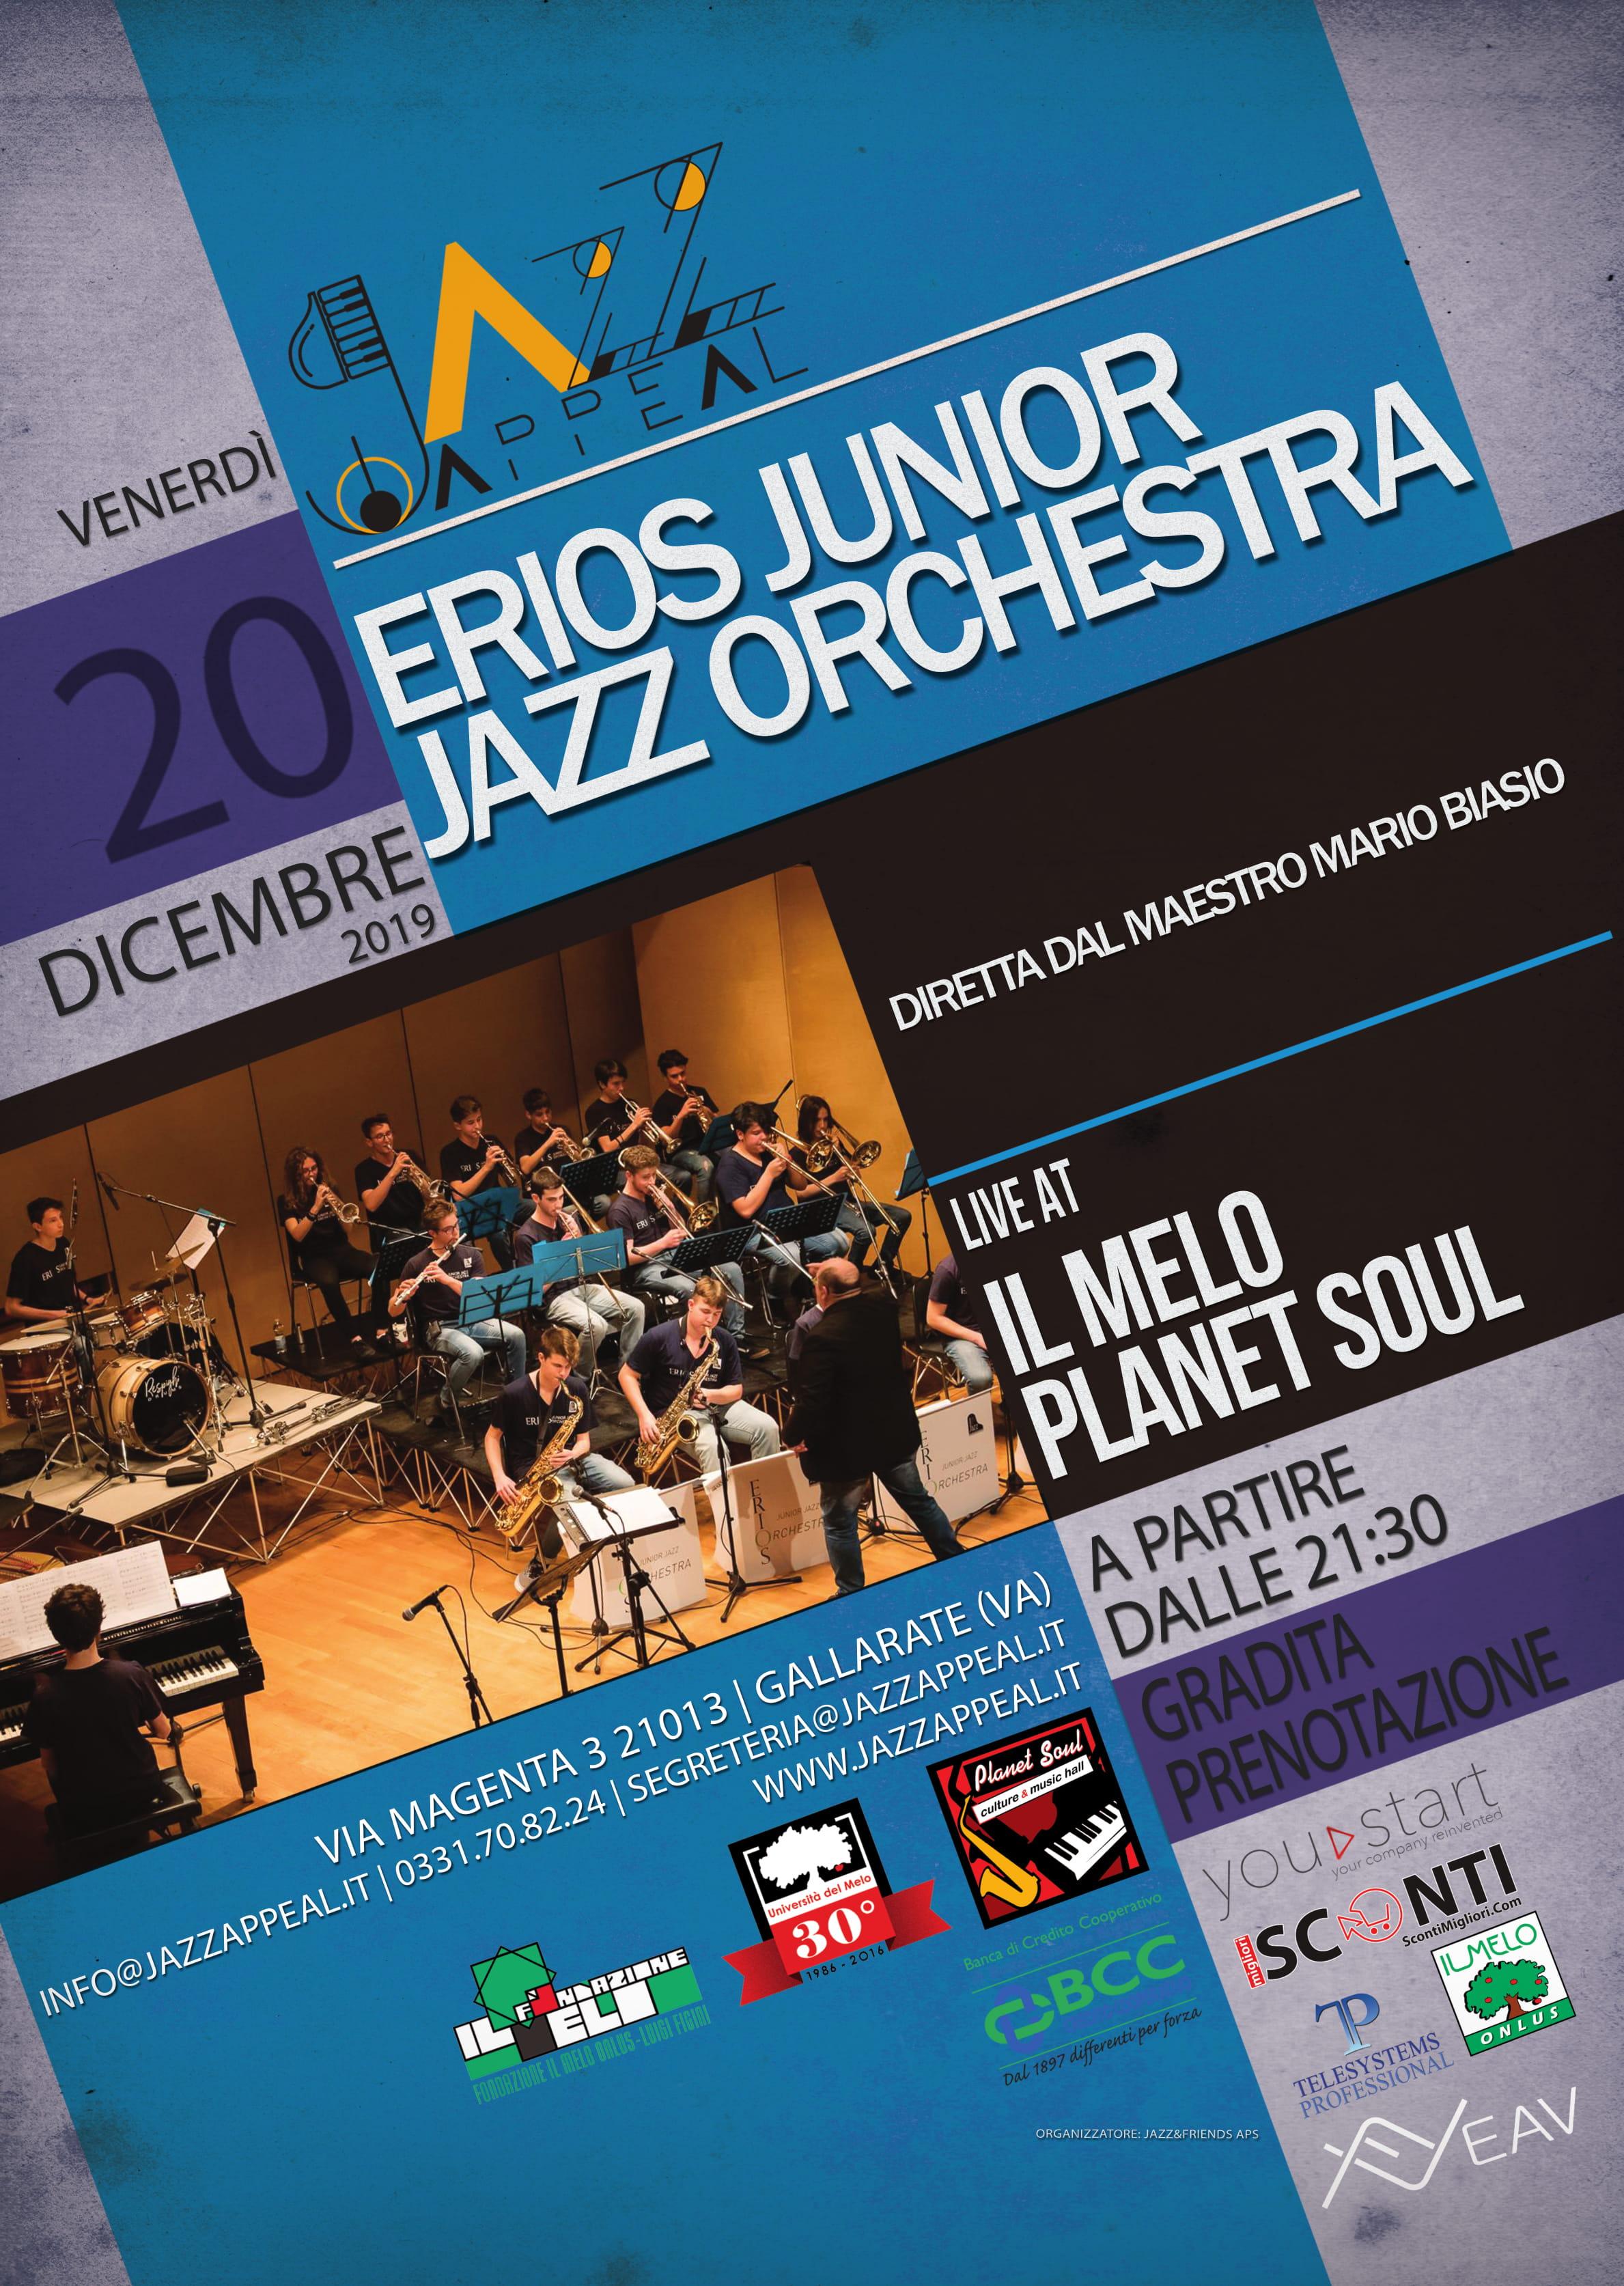 Erios Junior Jazz Orchestra Jazz Appeal